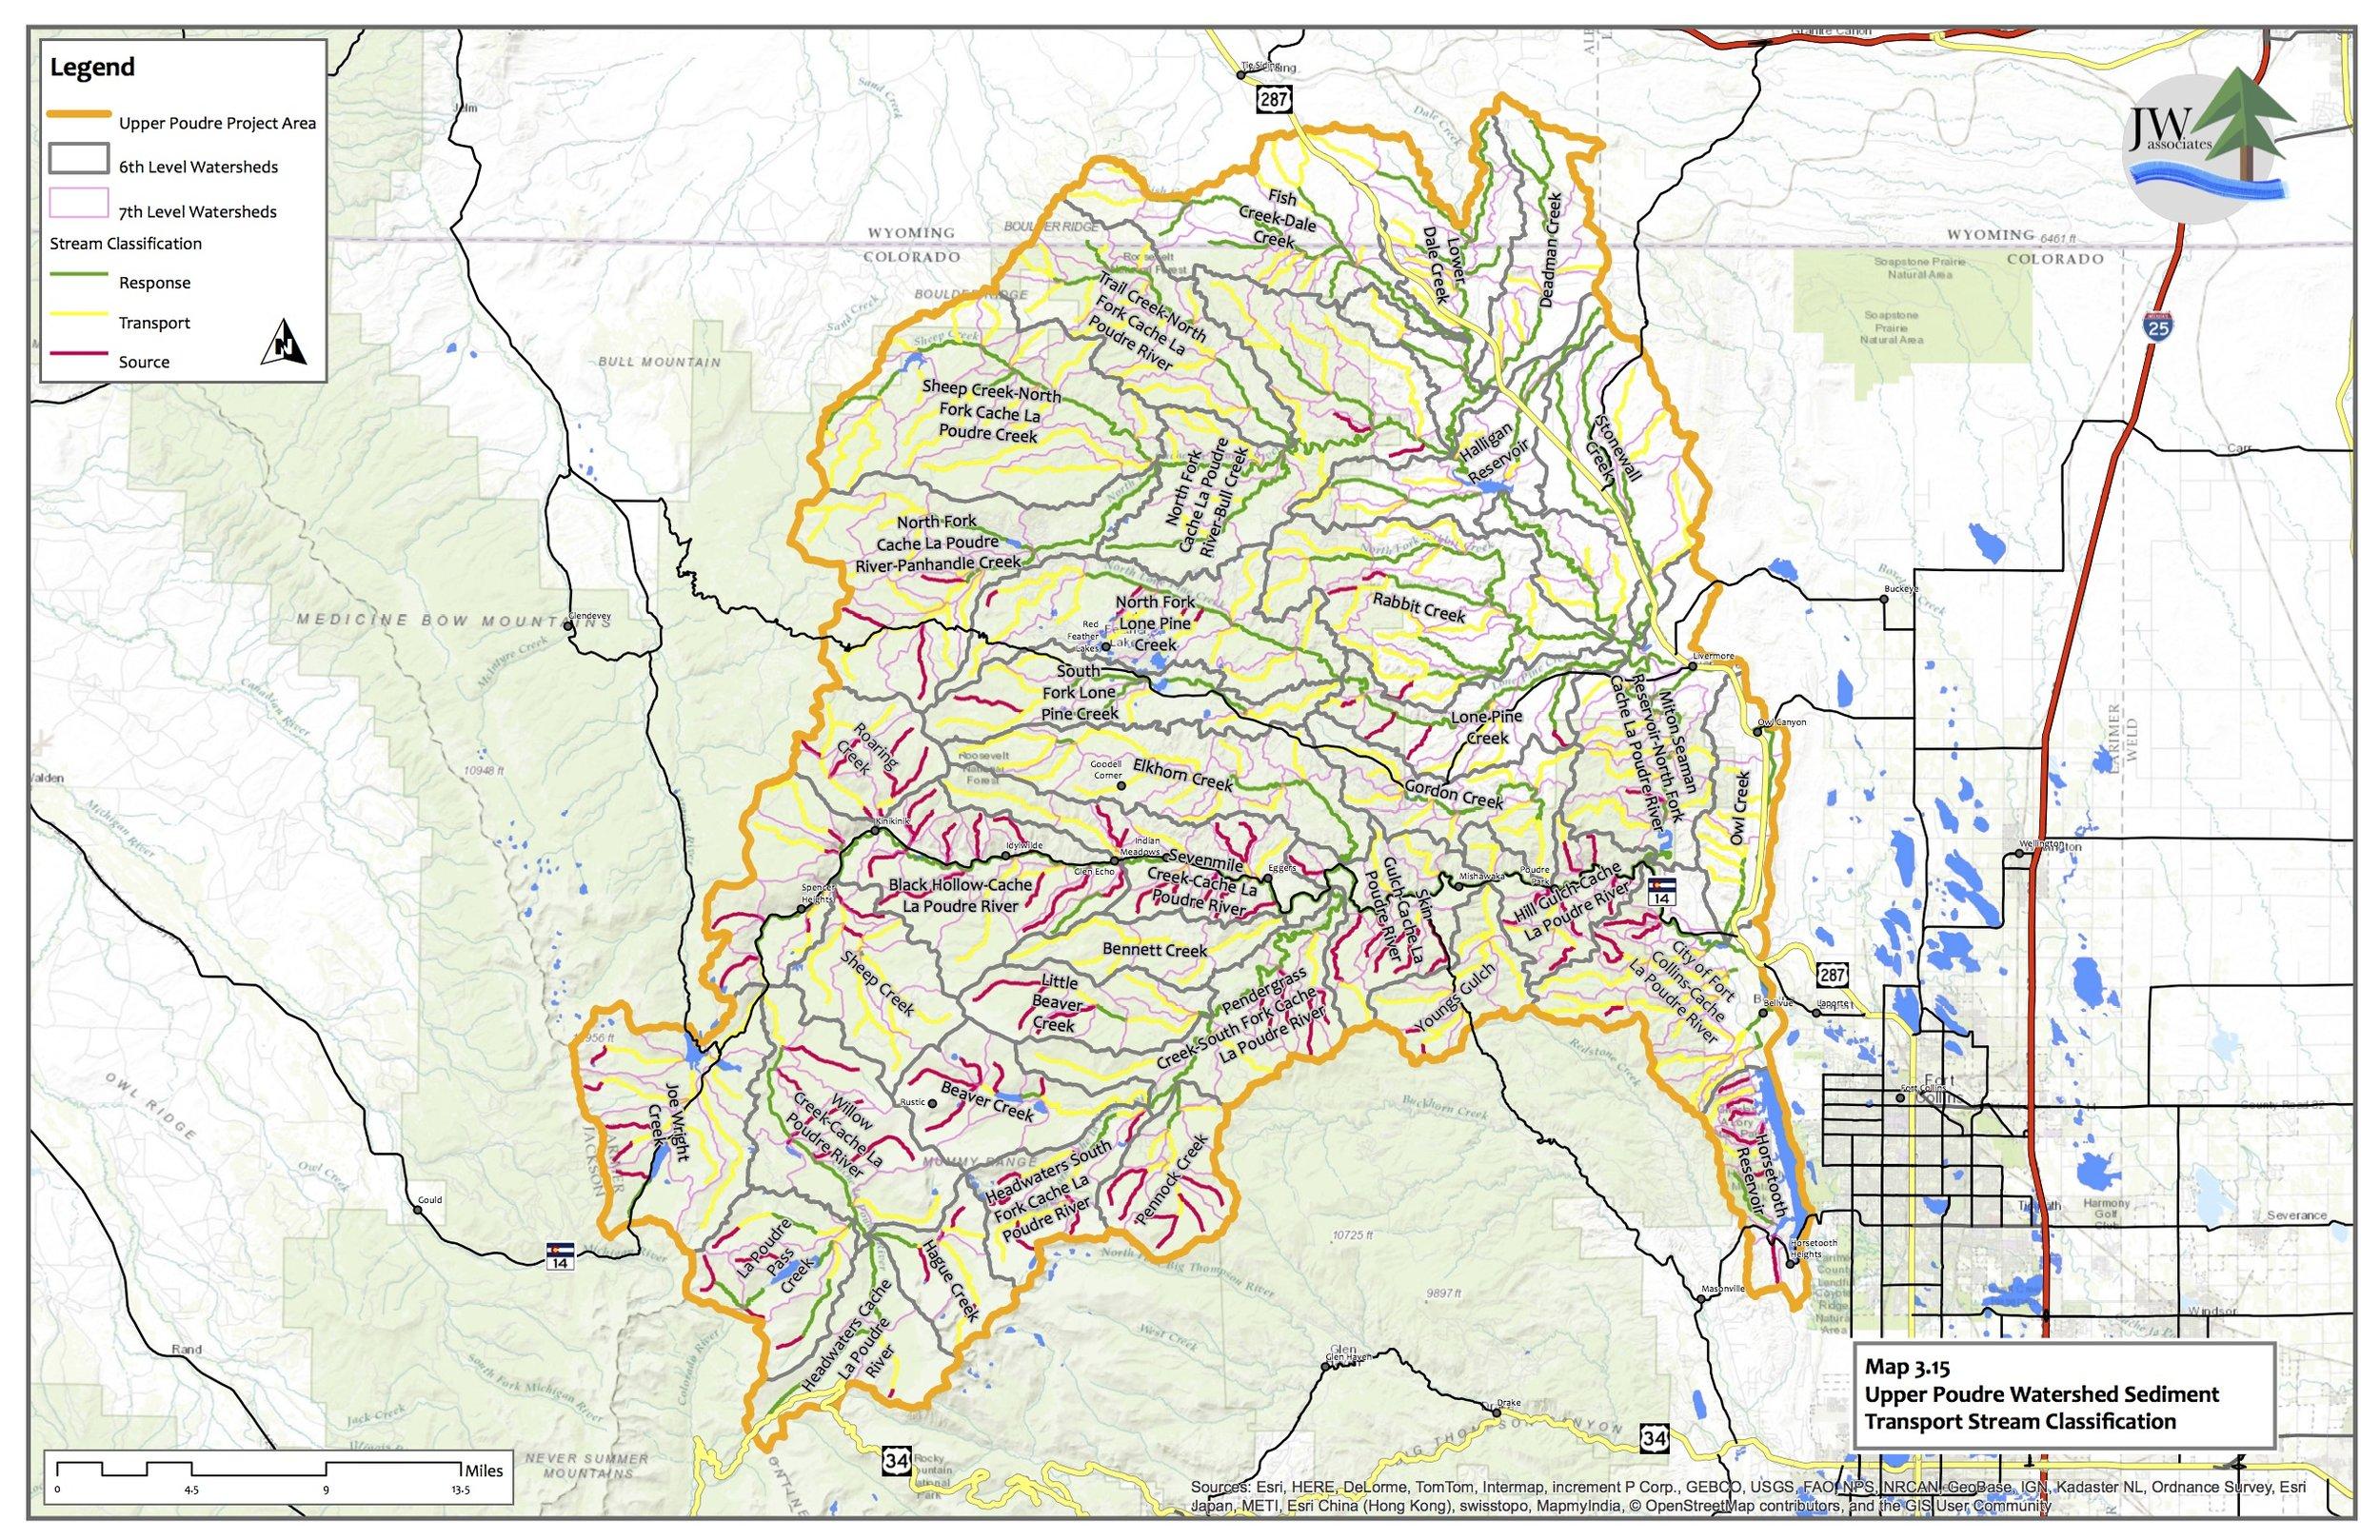 Map 3.15 UP_SedimentTrans.jpg